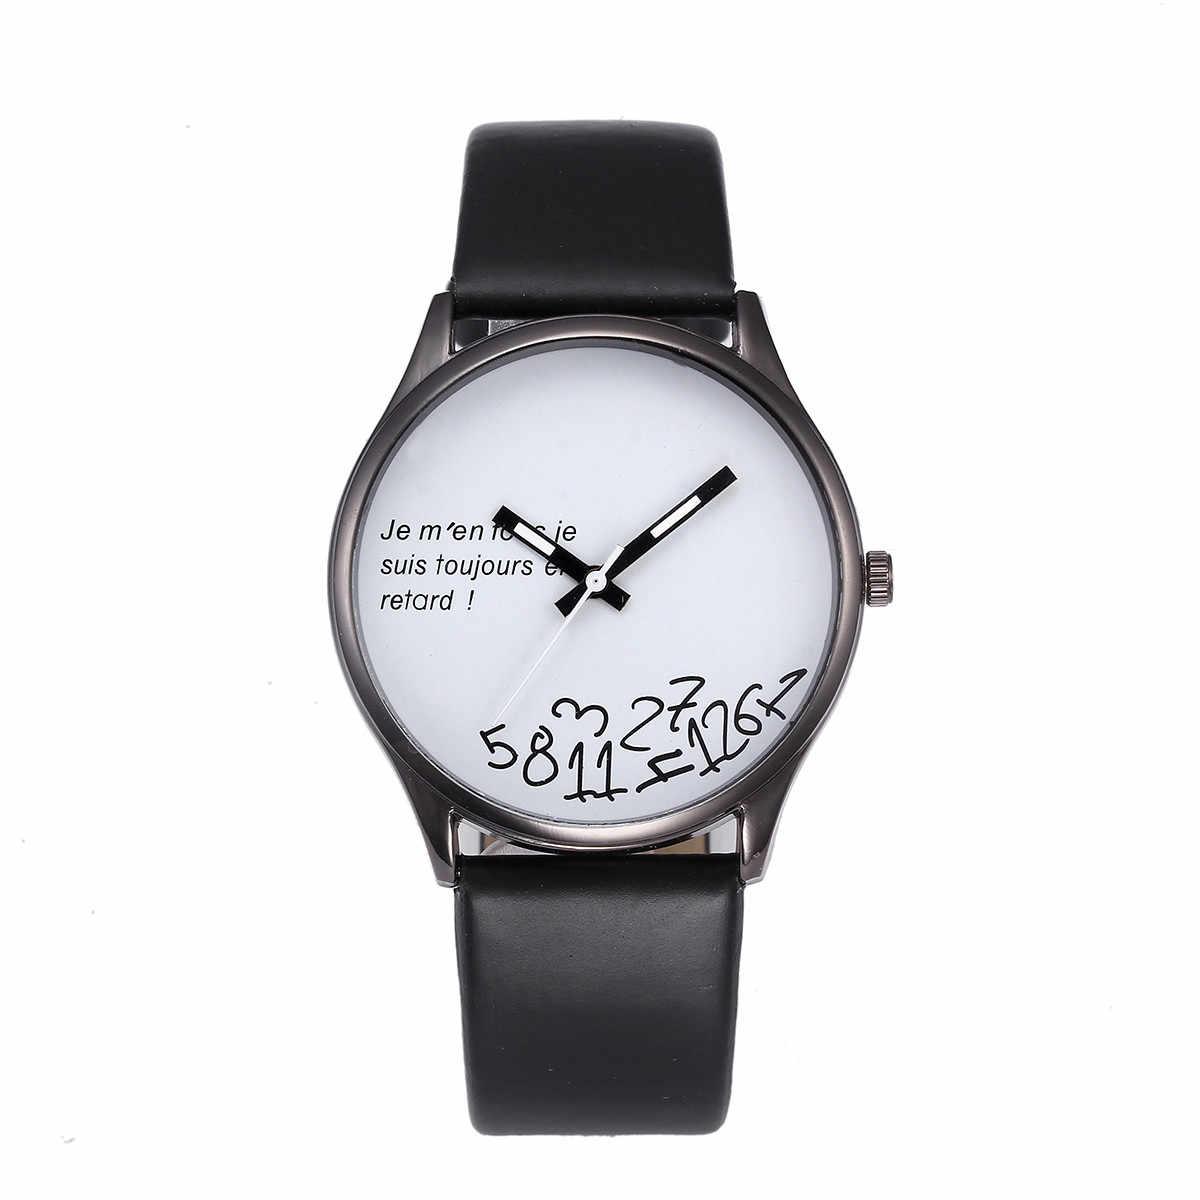 Mode hommes montre rétro Design numéro de fête cadran bracelet en cuir PU minimalisme Quartz montre-bracelet relojes hombre heren horloge